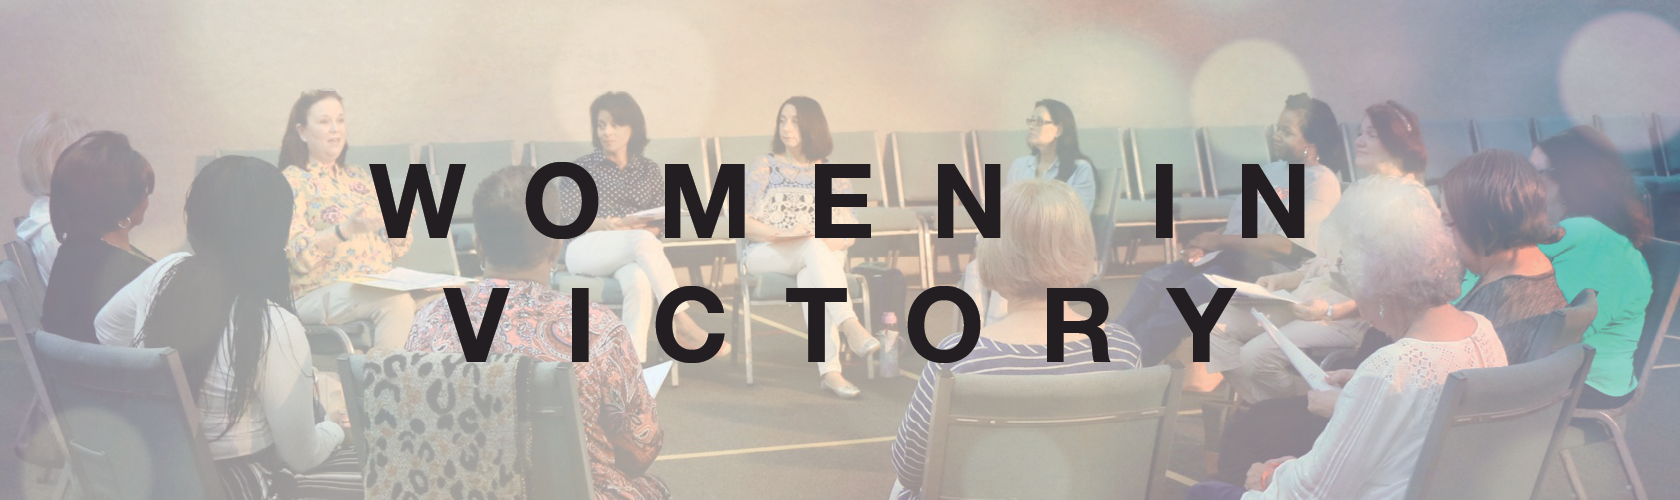 Women In Victory